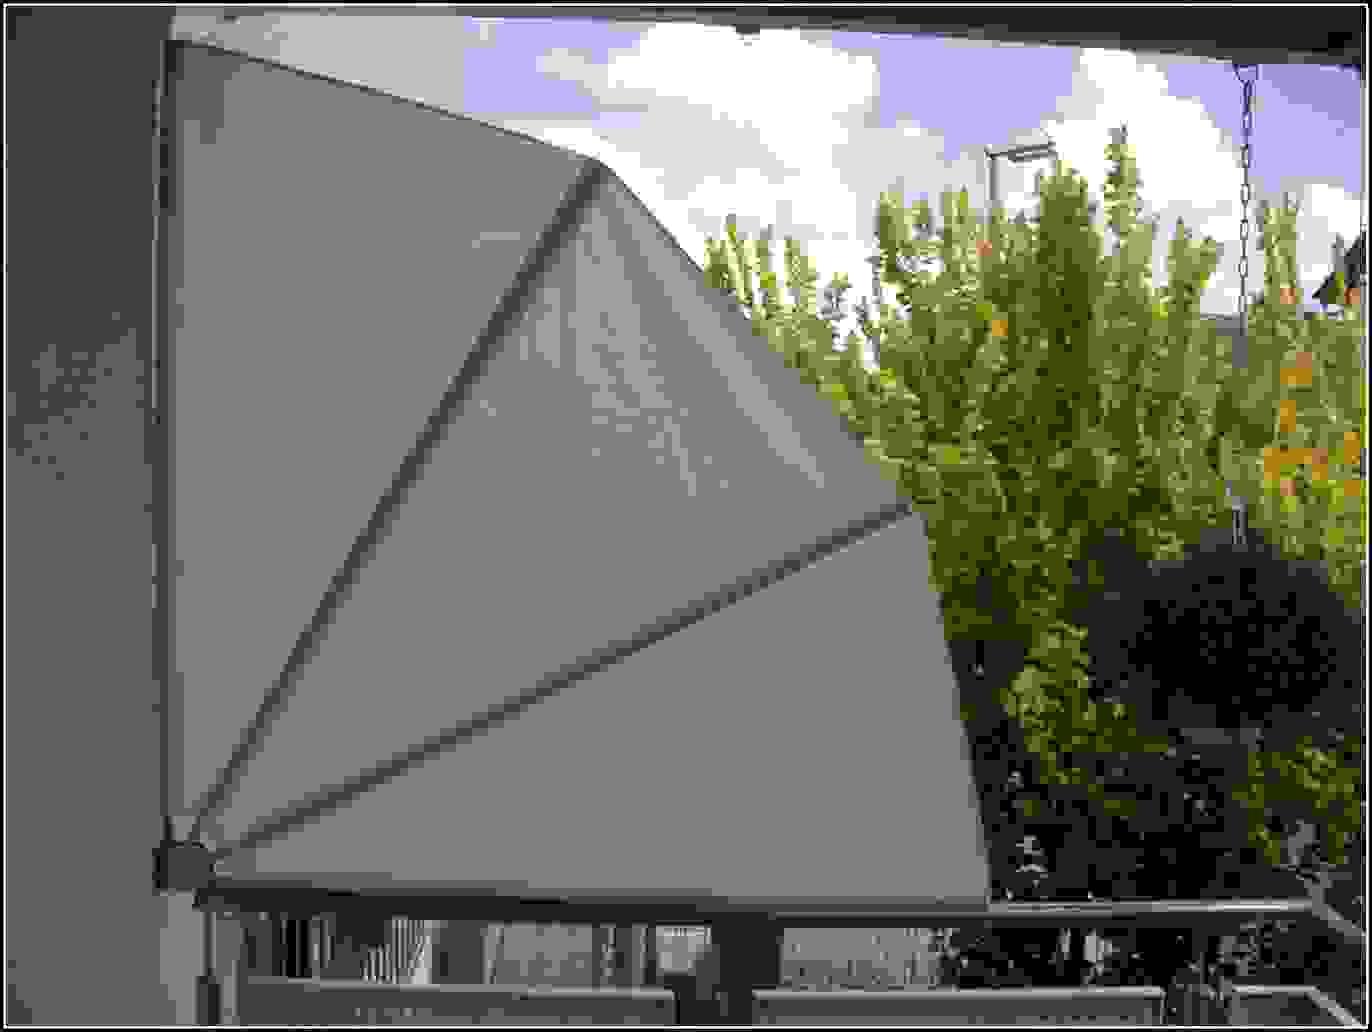 Frisch Von Sichtschutz Fächer Für Balkon Ohne Bohren Ideen  Moderne von Balkon Sichtschutz Ohne Bohren Photo